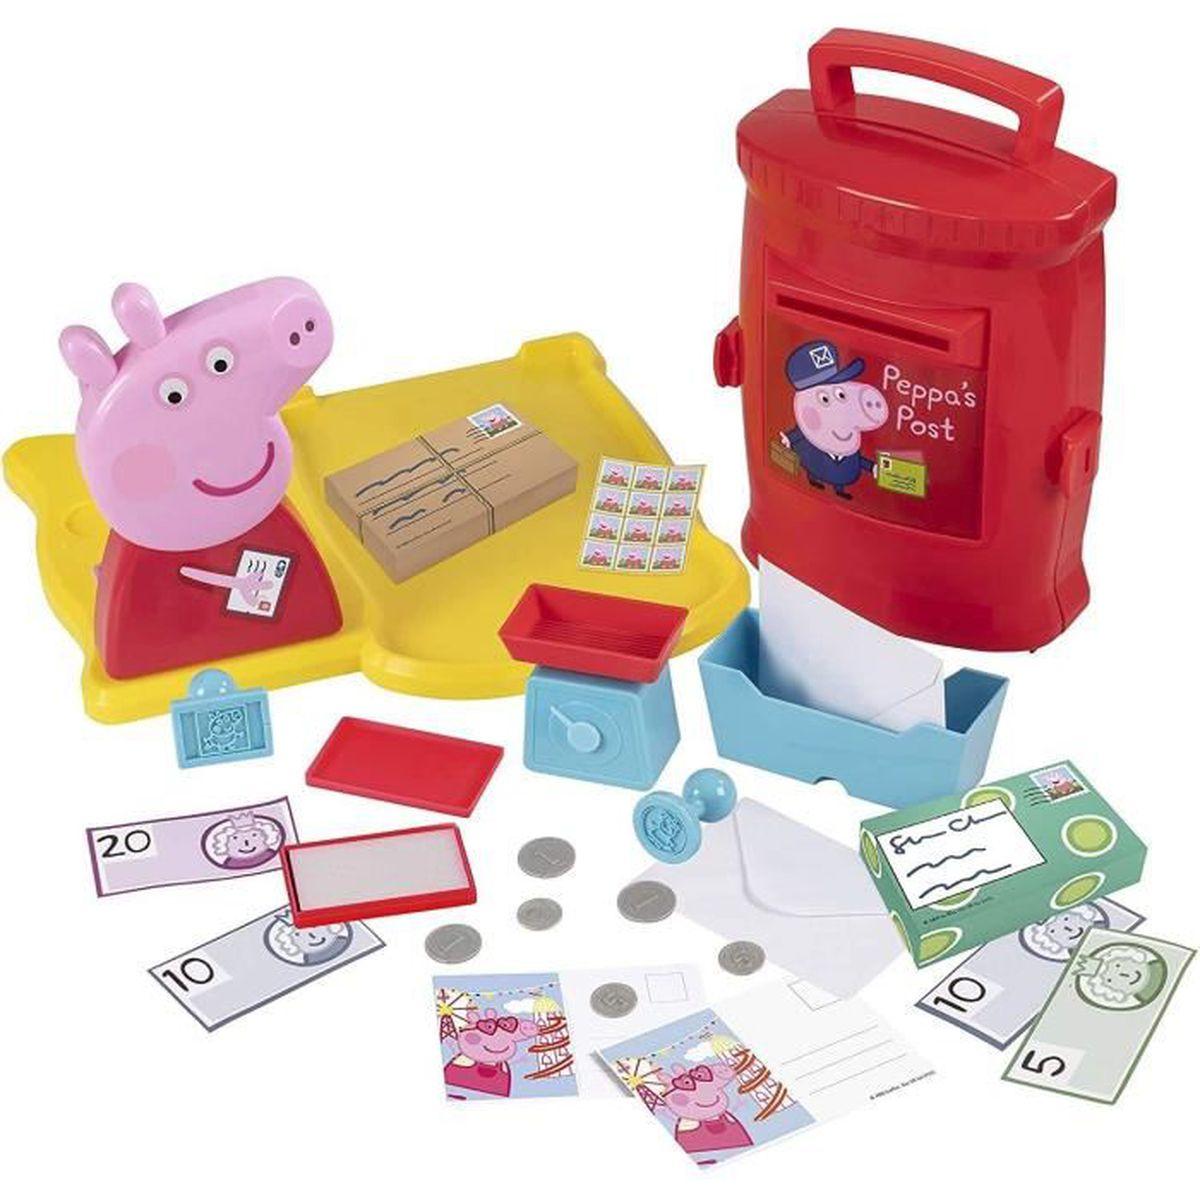 Bureau De Poste De Peppa Pig Achat Vente Table Jouet D Activite Cdiscount